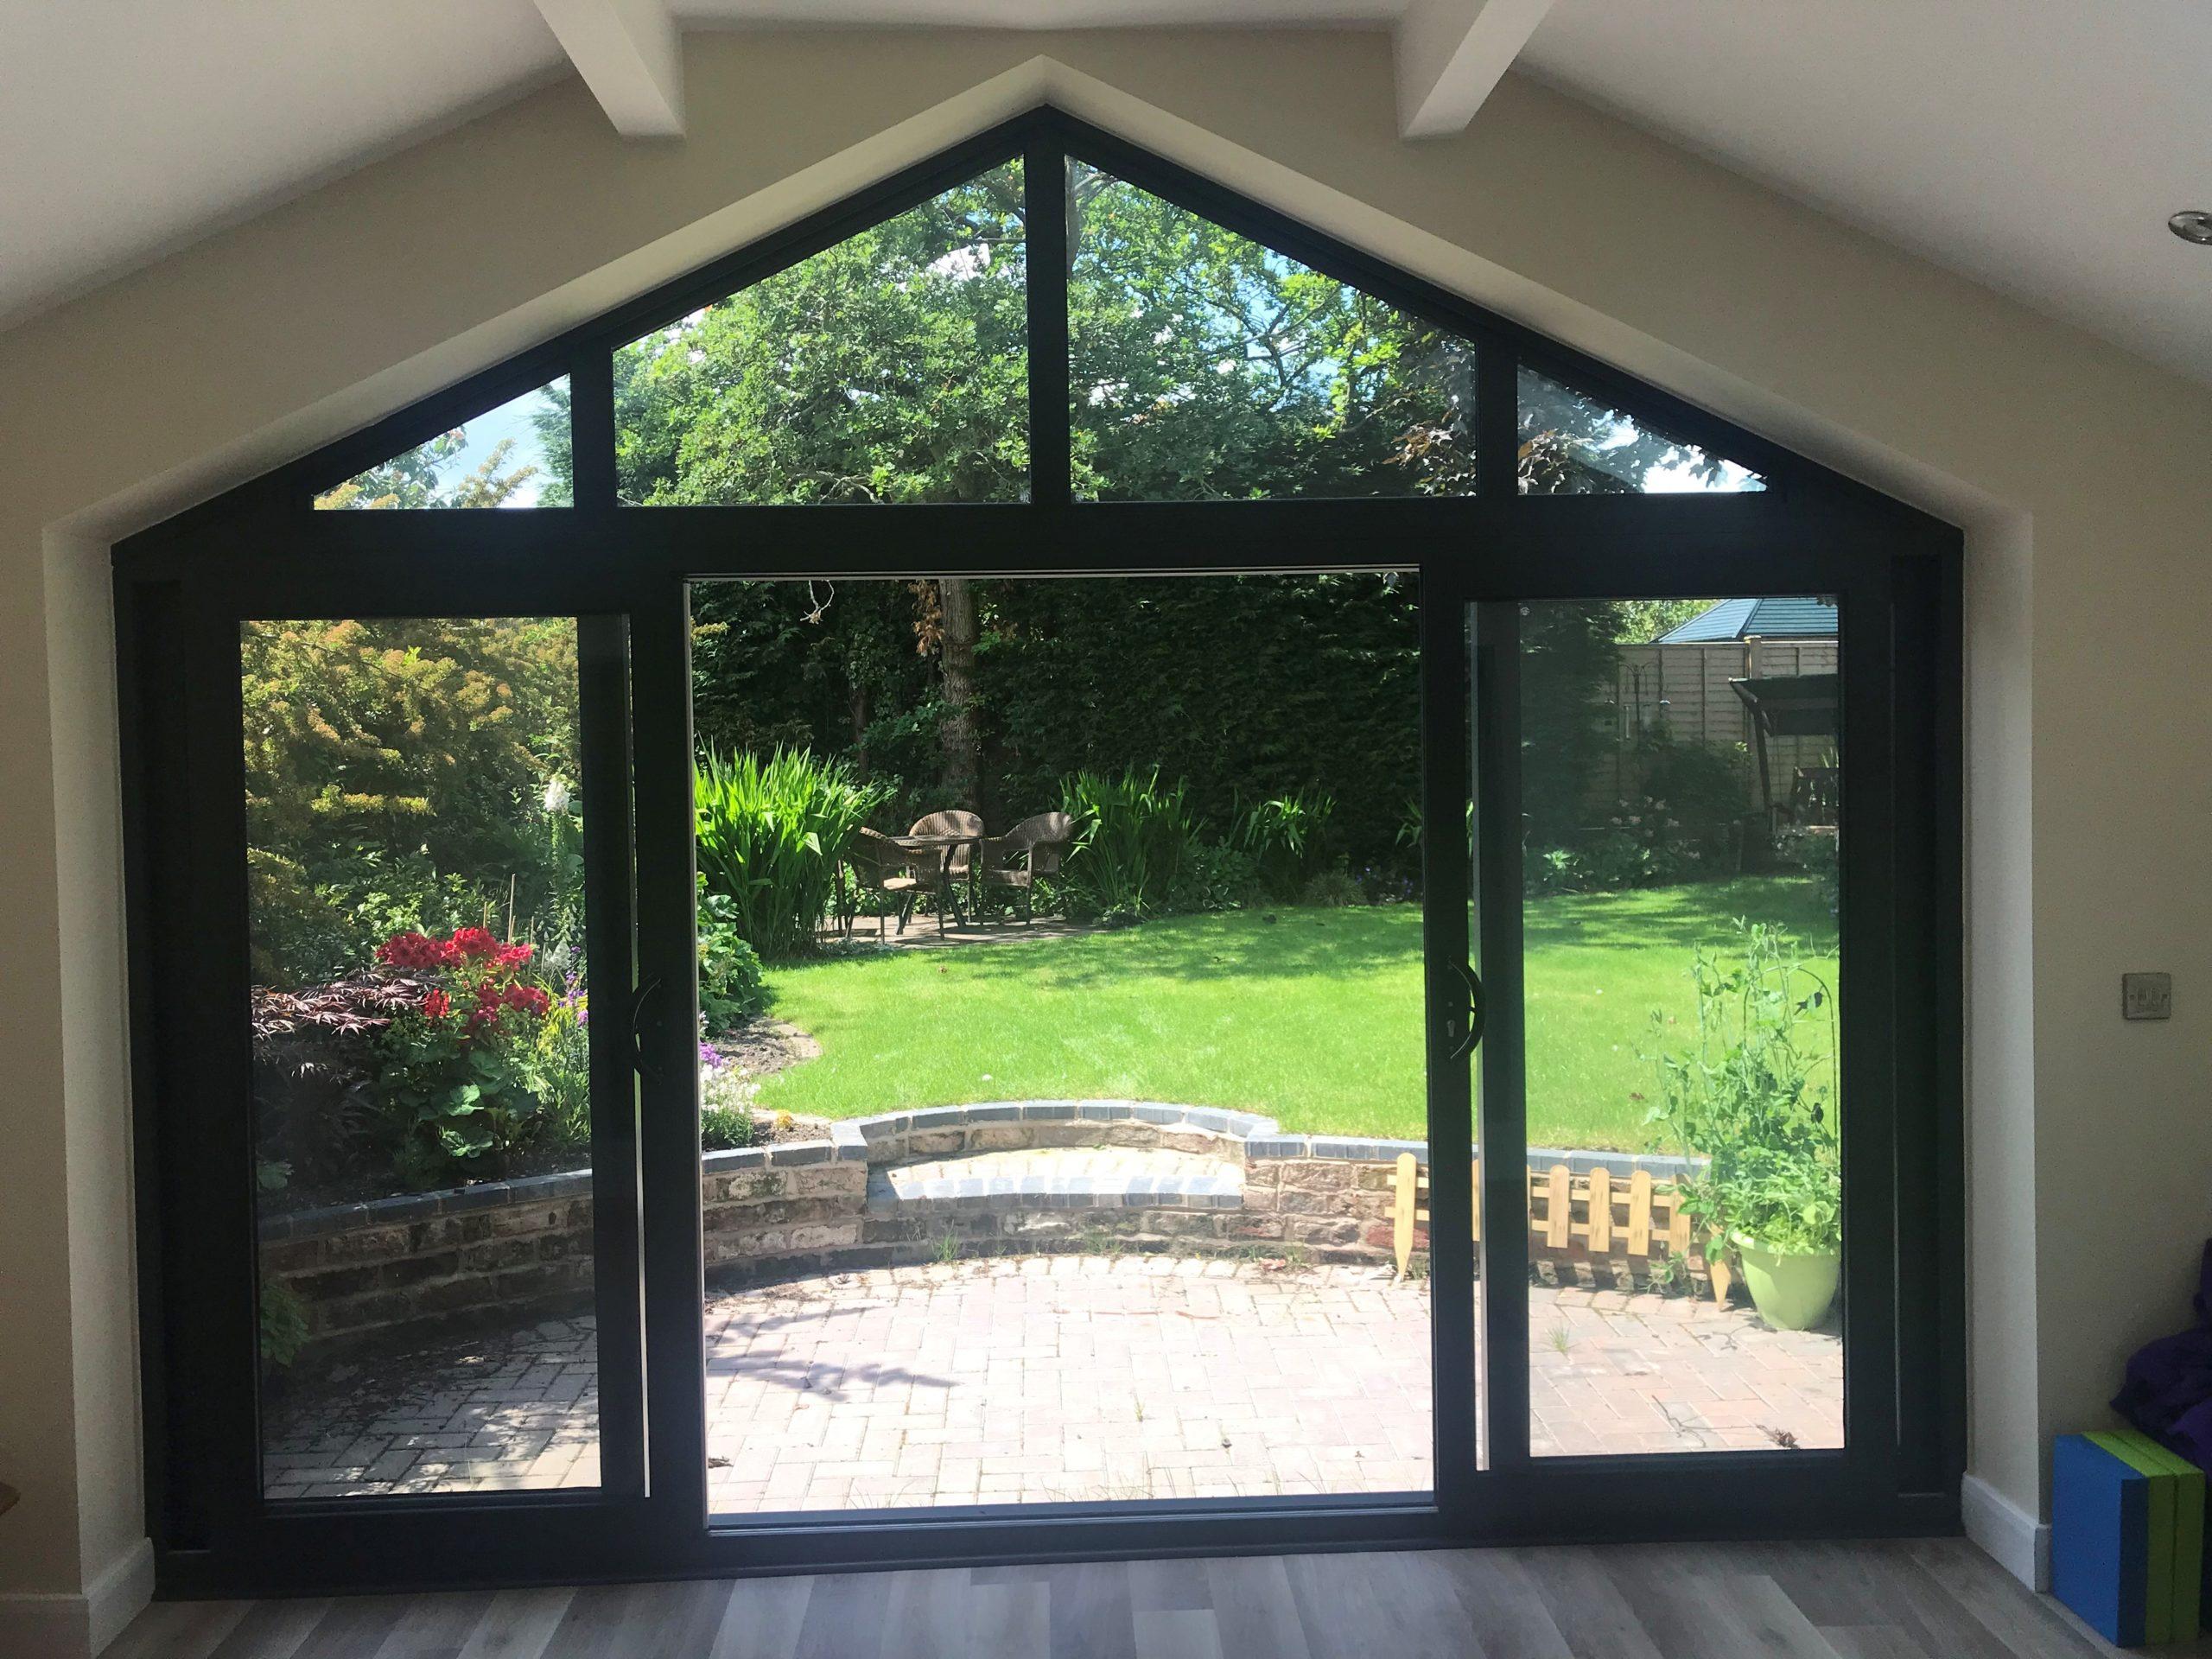 door to garage conversion overlooking garden